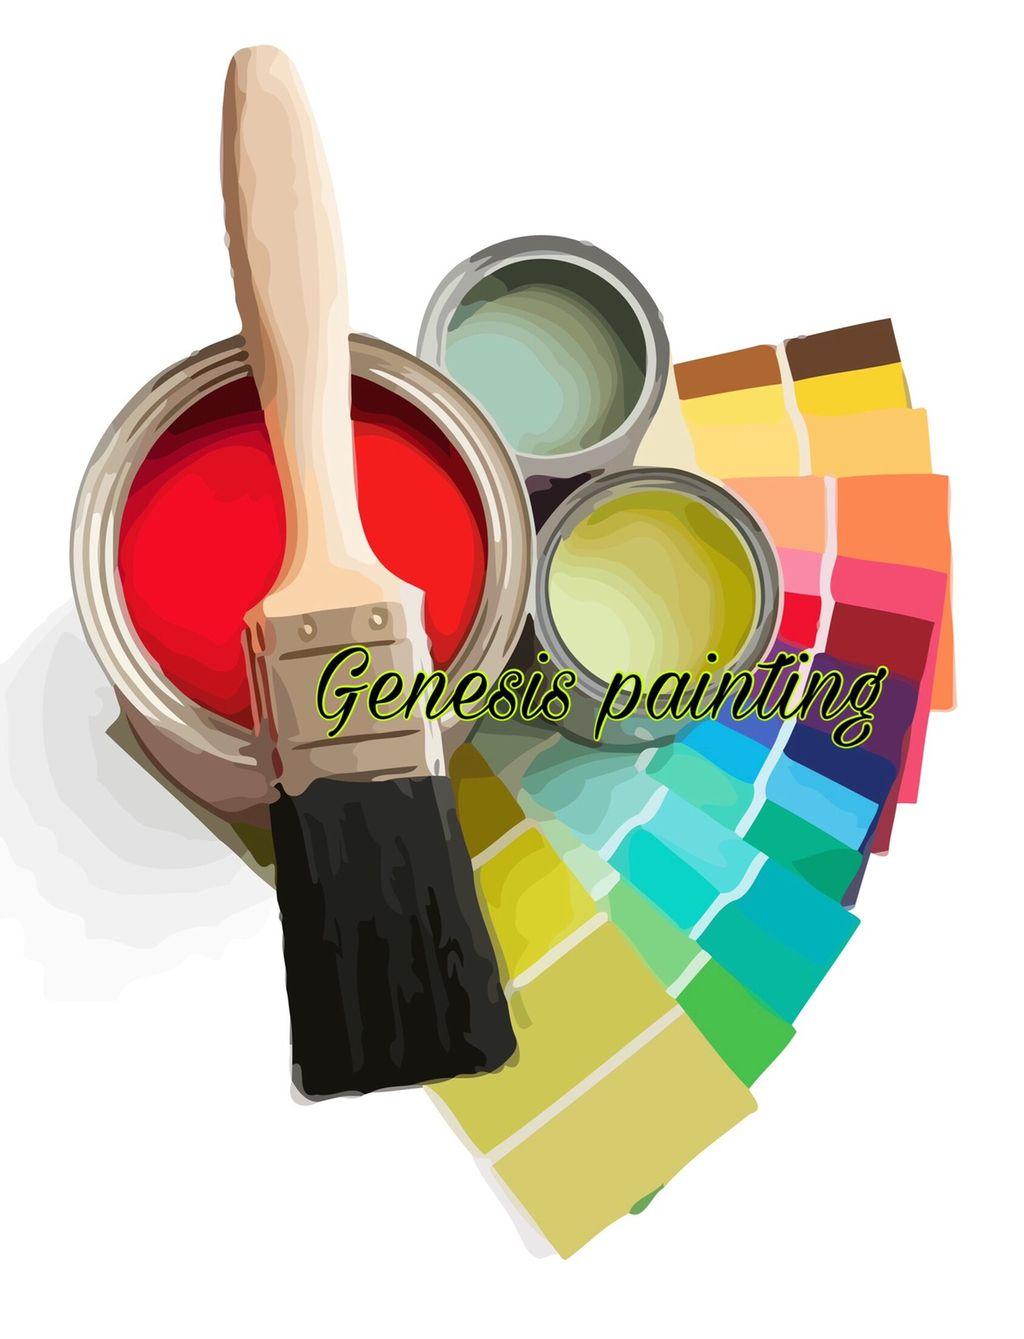 Génesis painting